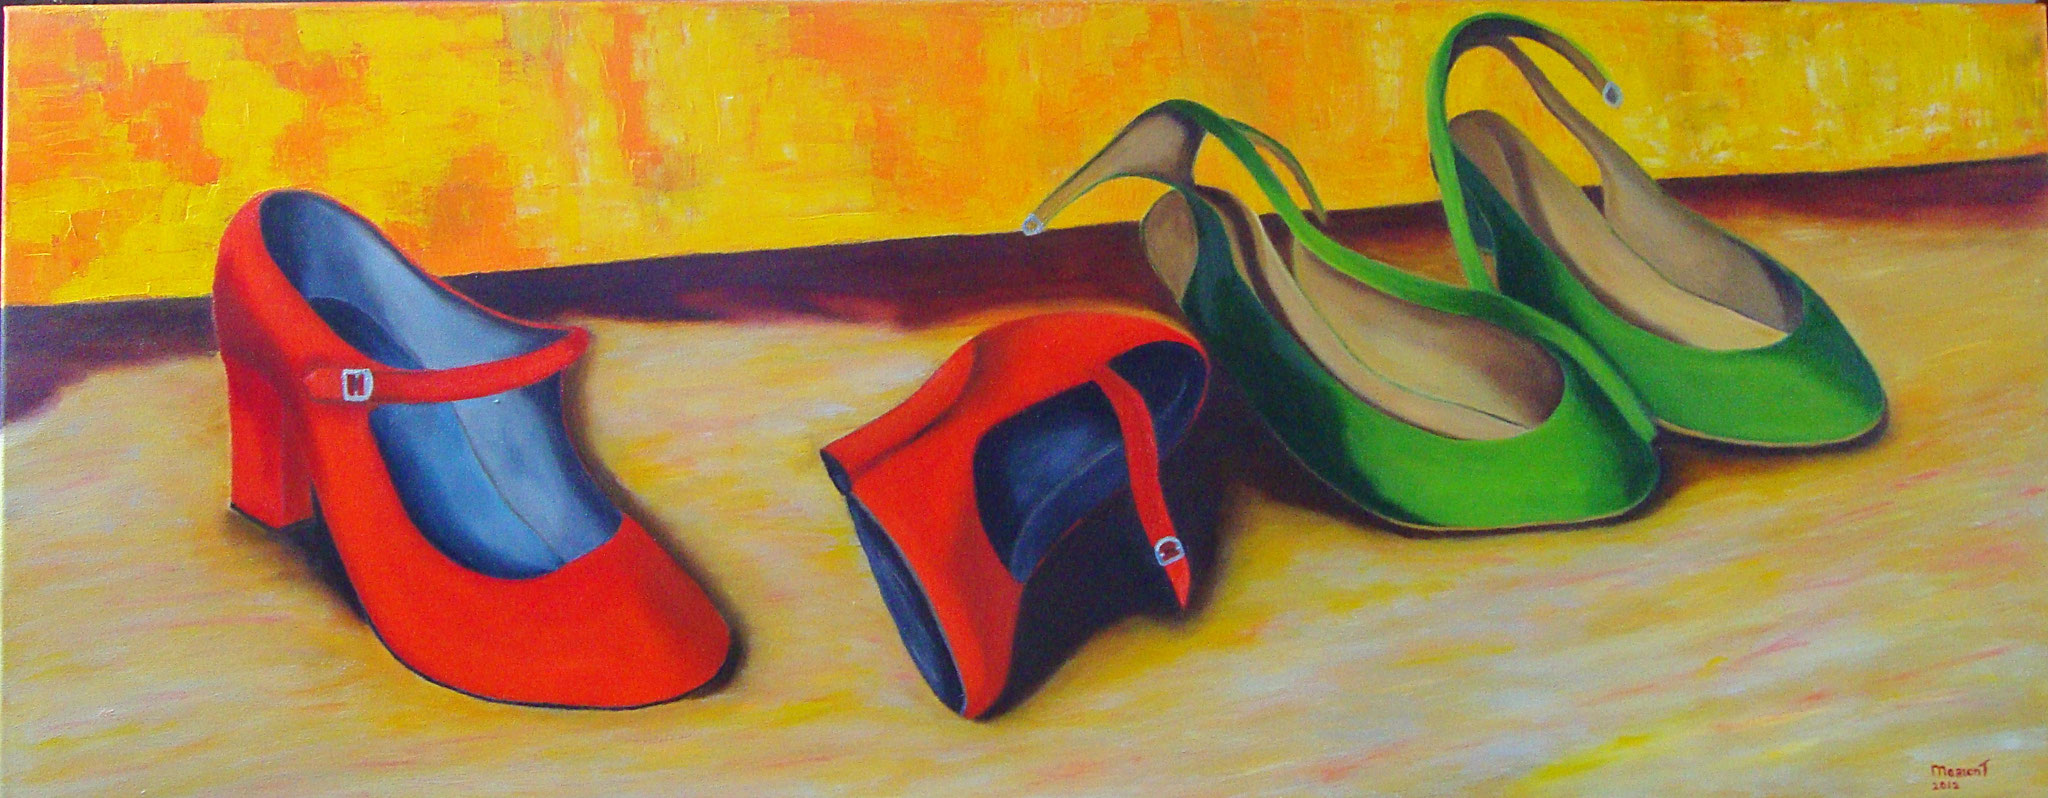 Schoentjes rood/groen 40 x 80 br